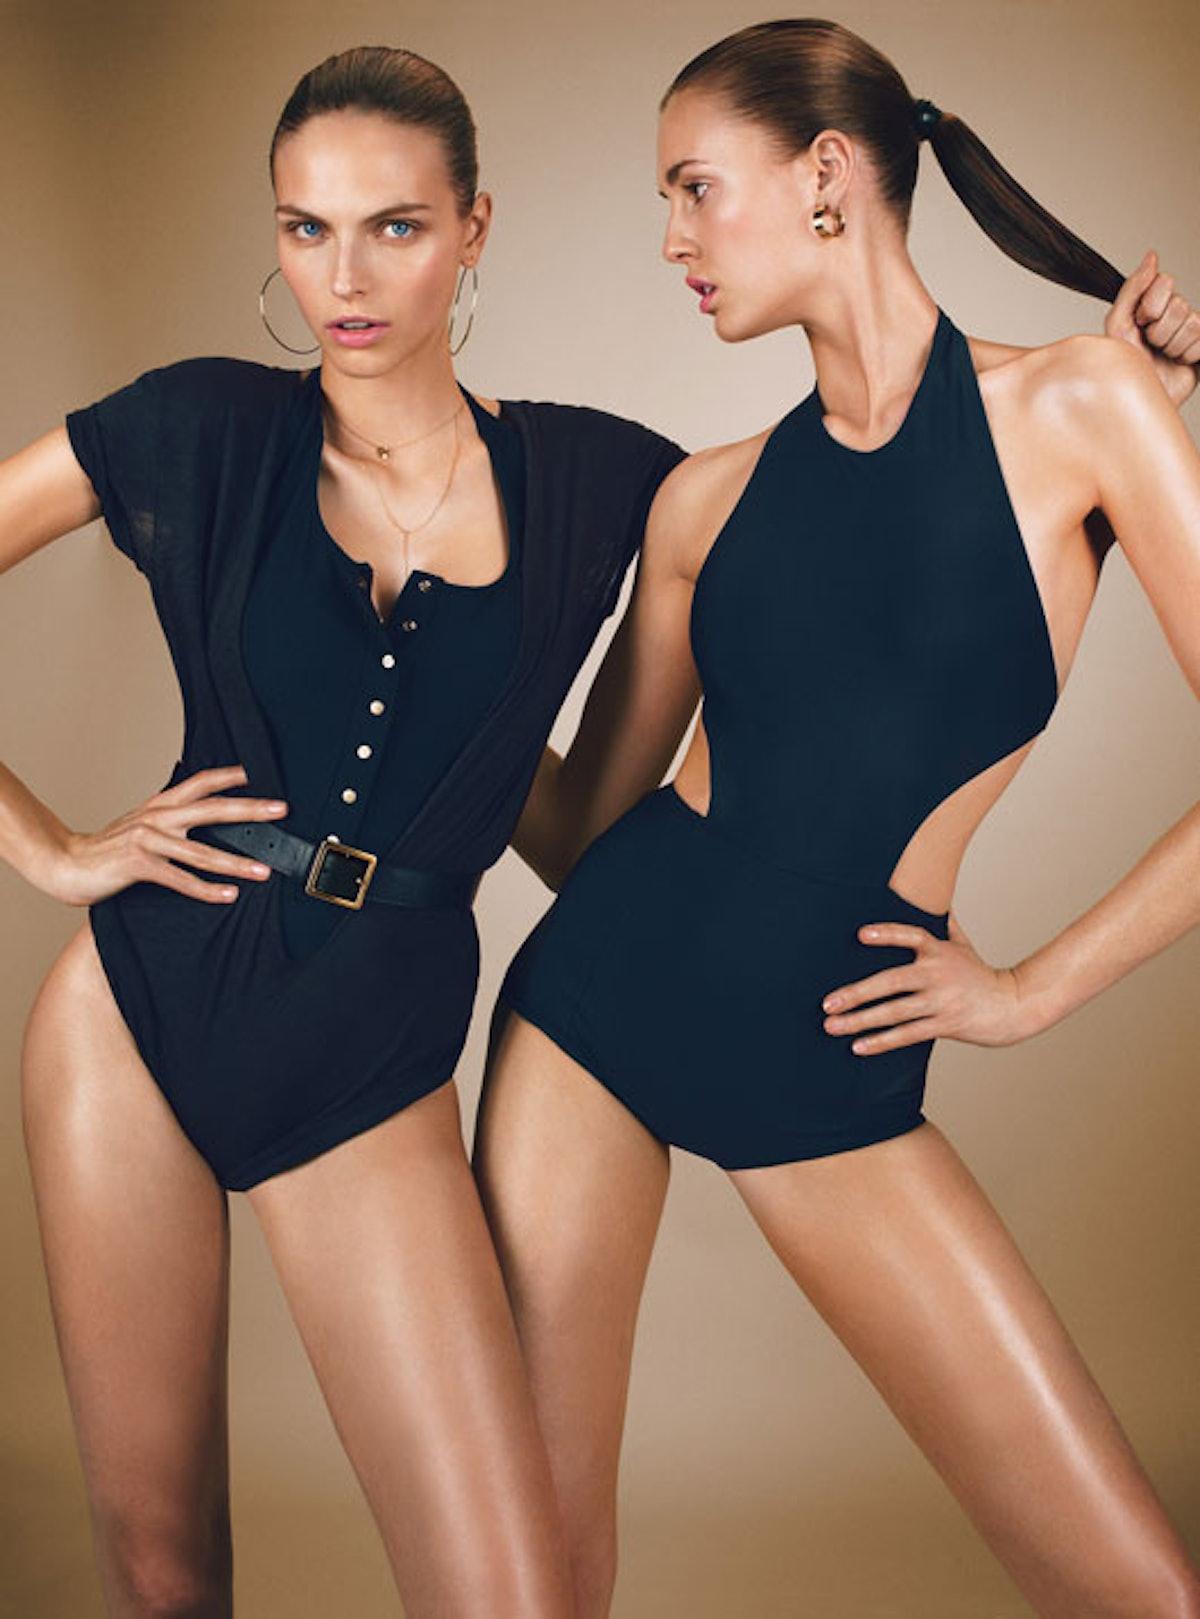 fass-sporty-summer-swimsuits-04-l.jpg